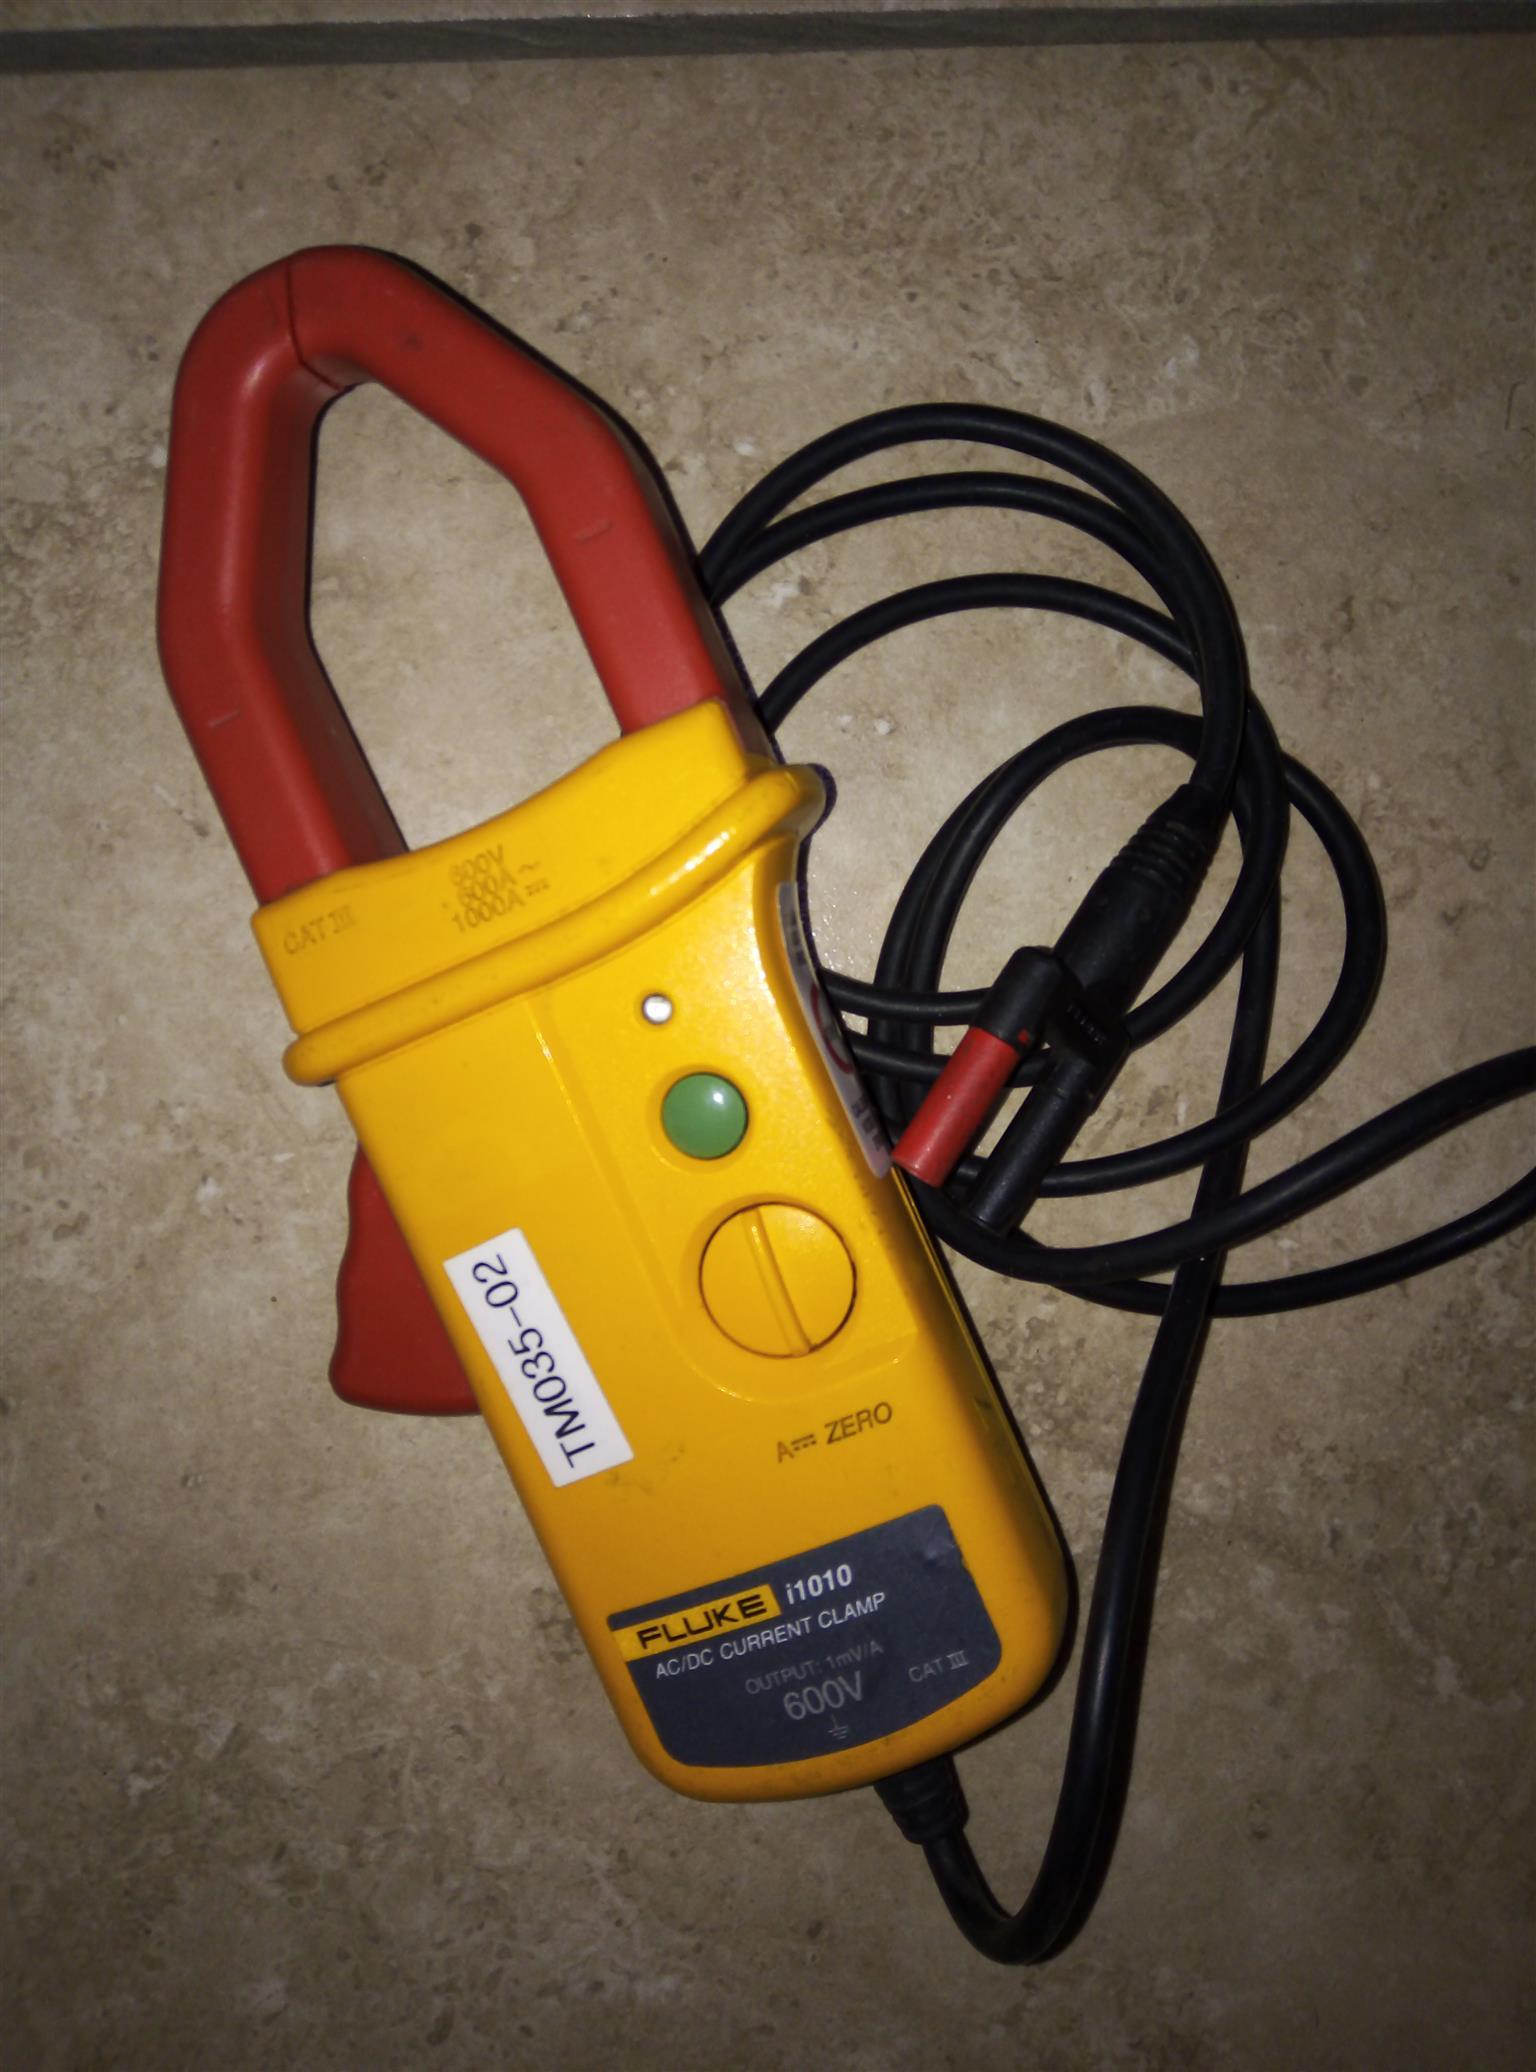 FLUKE I1010 CLAMP